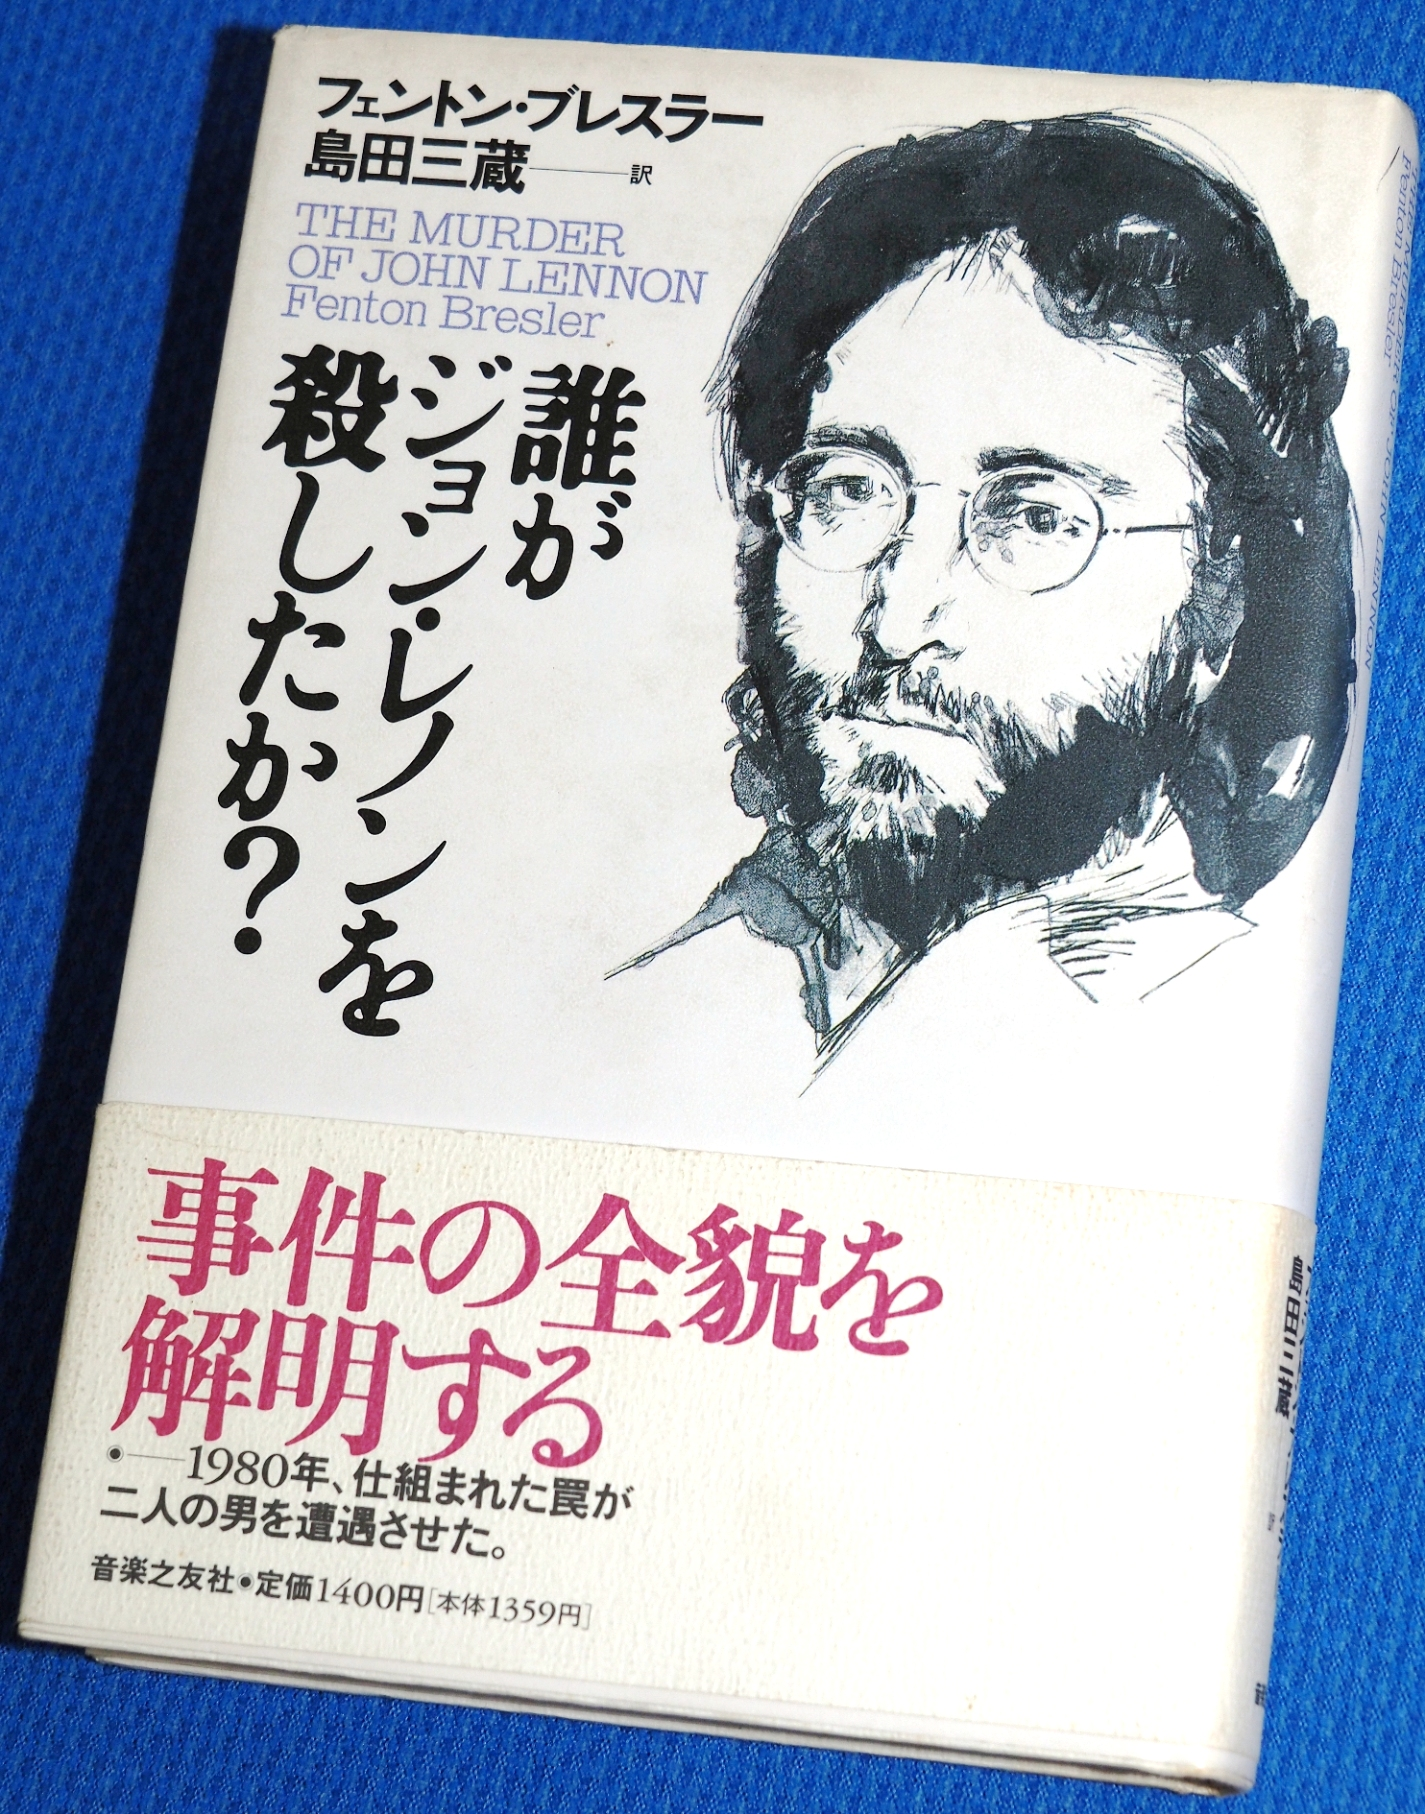 「誰がジョン・レノンを殺したか?」 (フェントン・ブレスラー著/音楽之友社 刊)